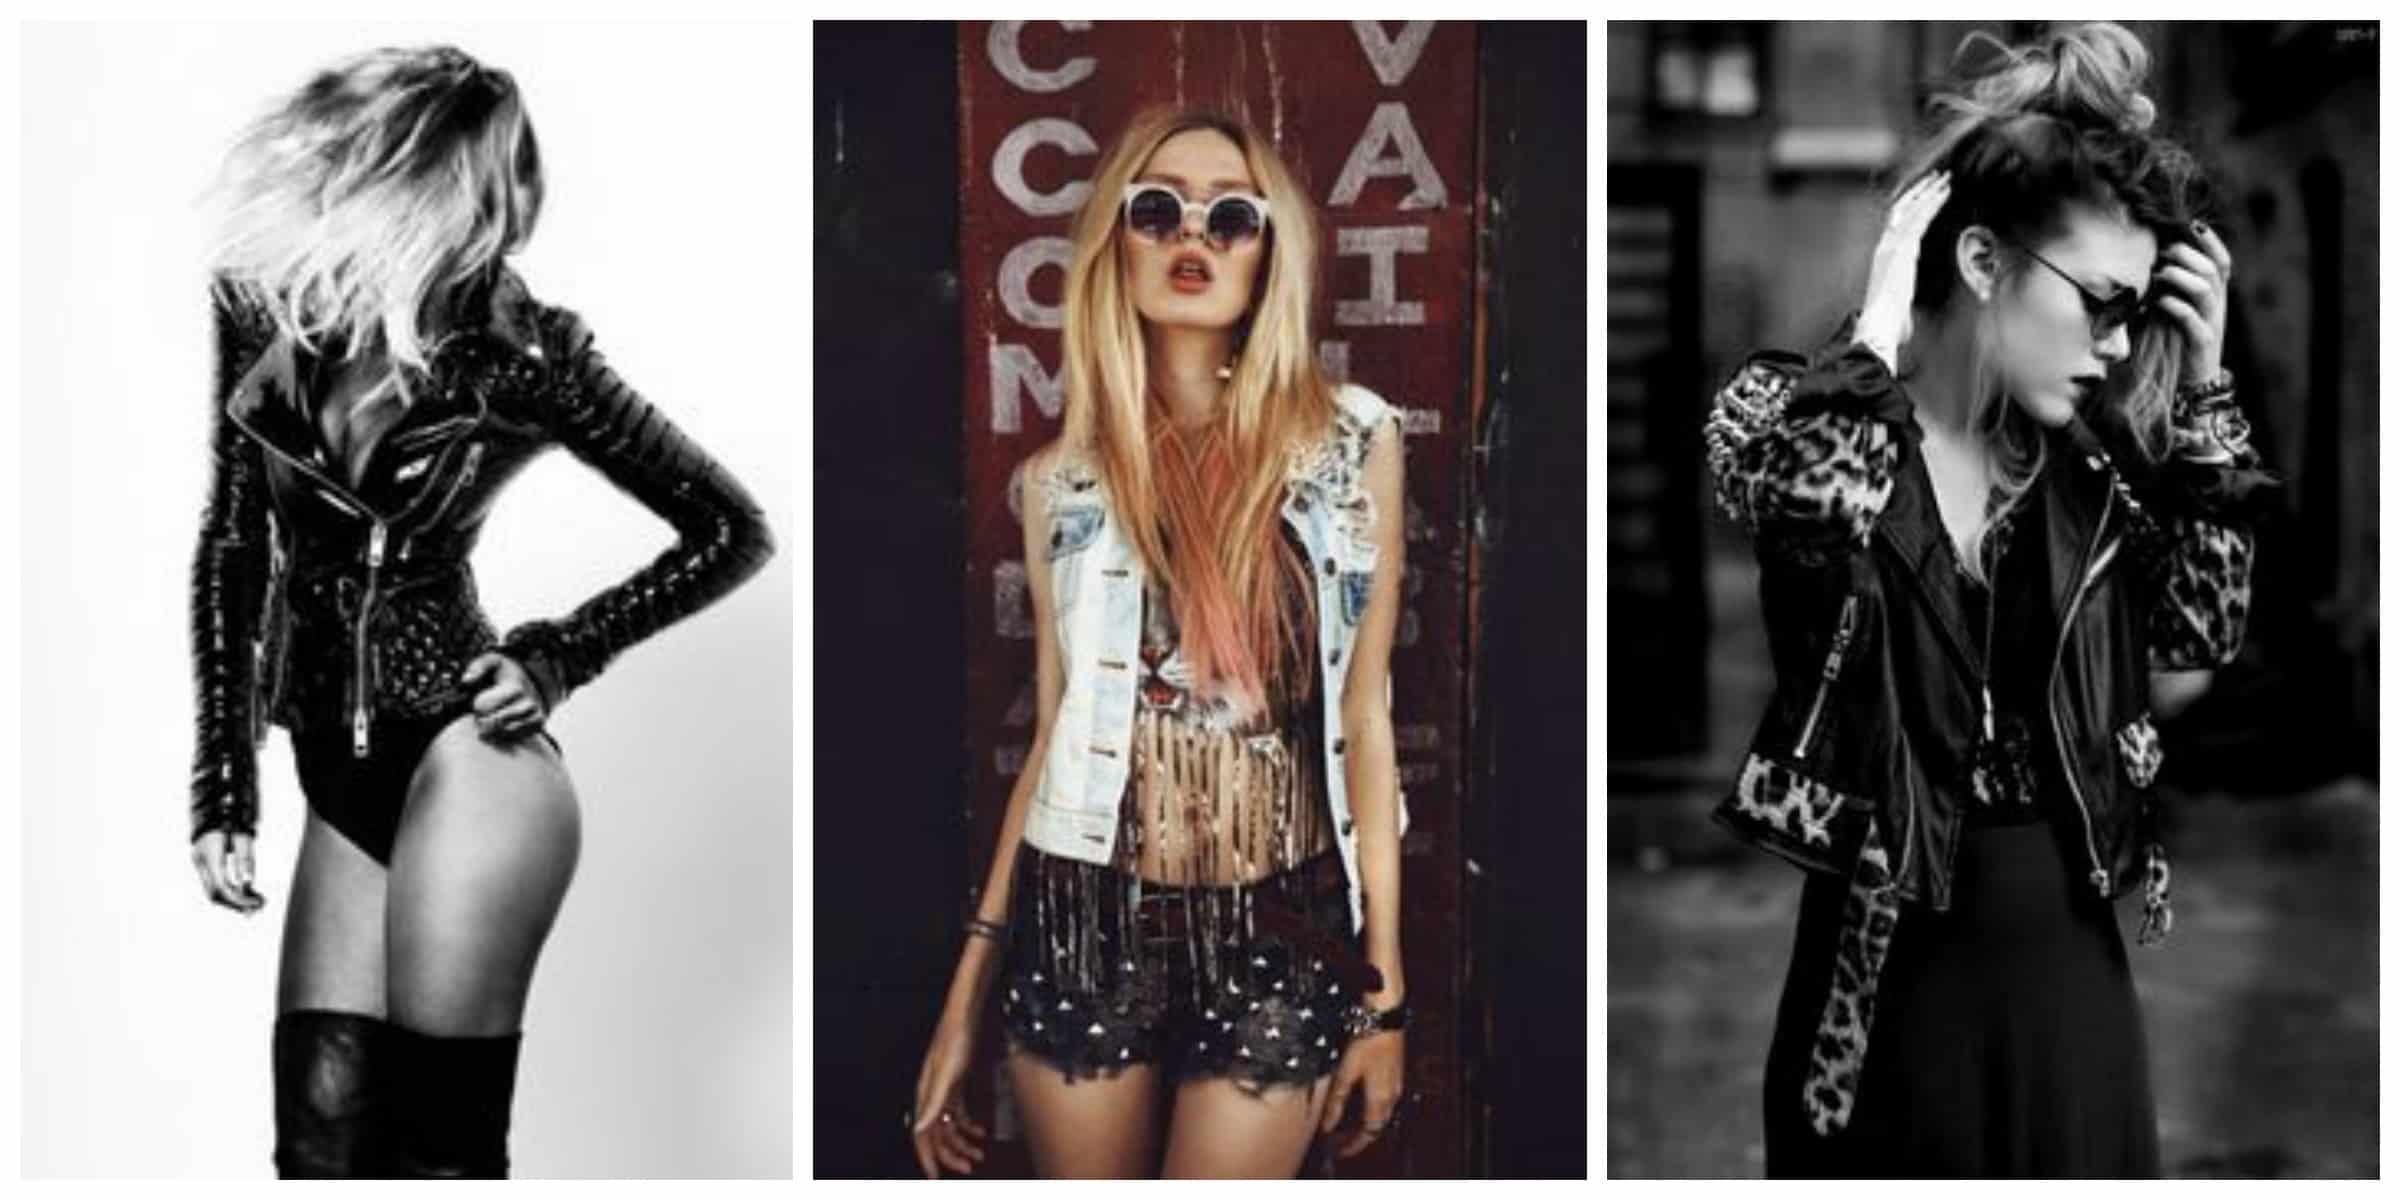 punk-rock-looks